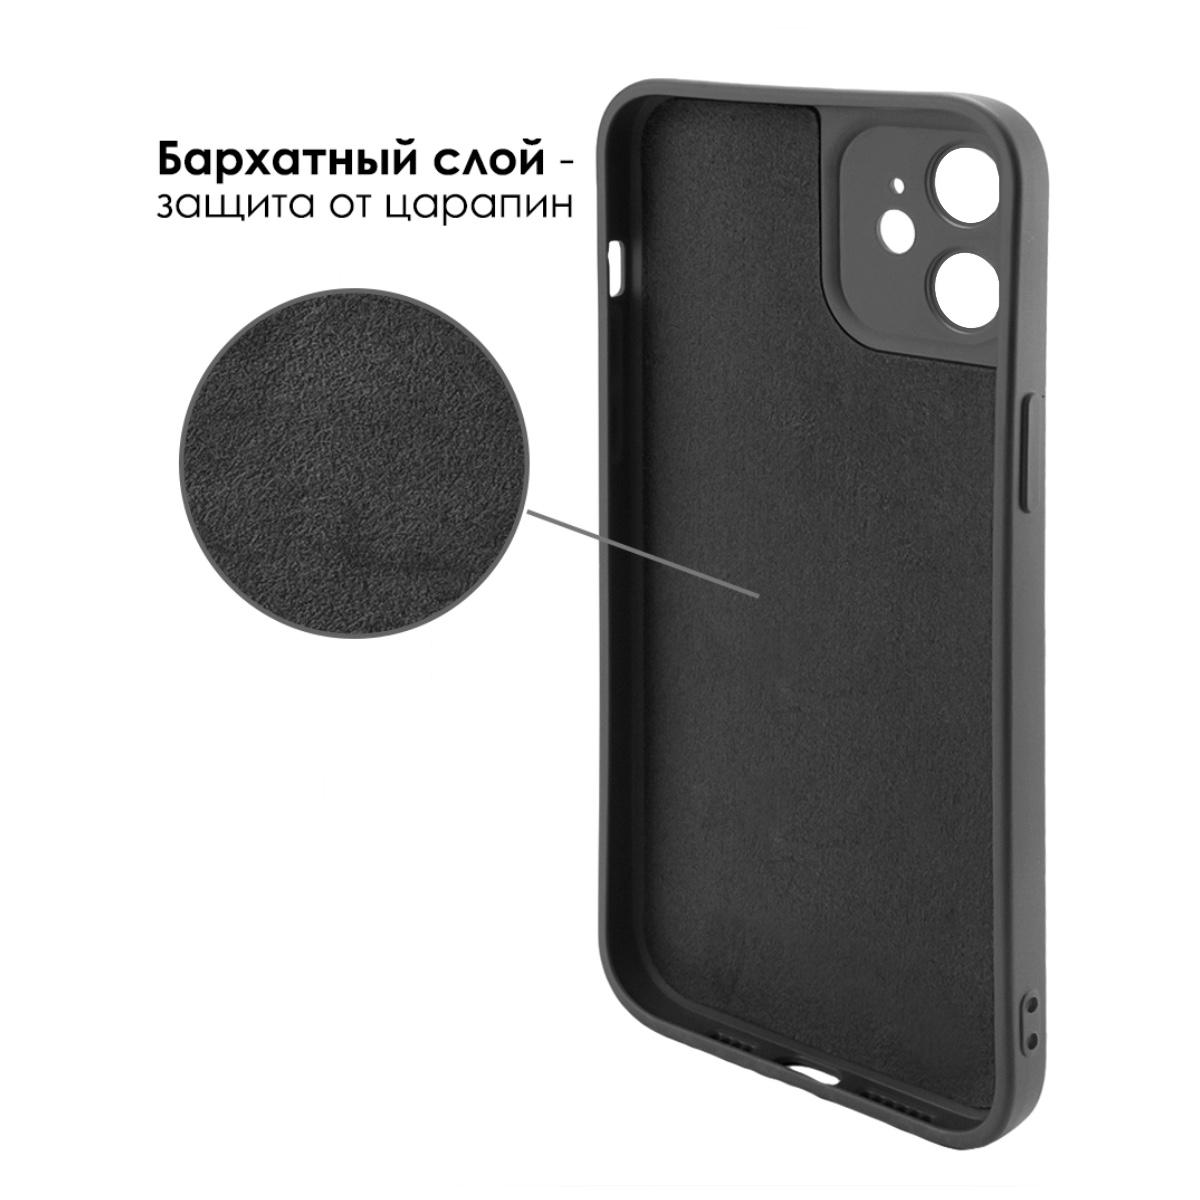 Черный силиконовый чехол для iPhone 12 Mini Молекула счастья для Айфон 12 Мини